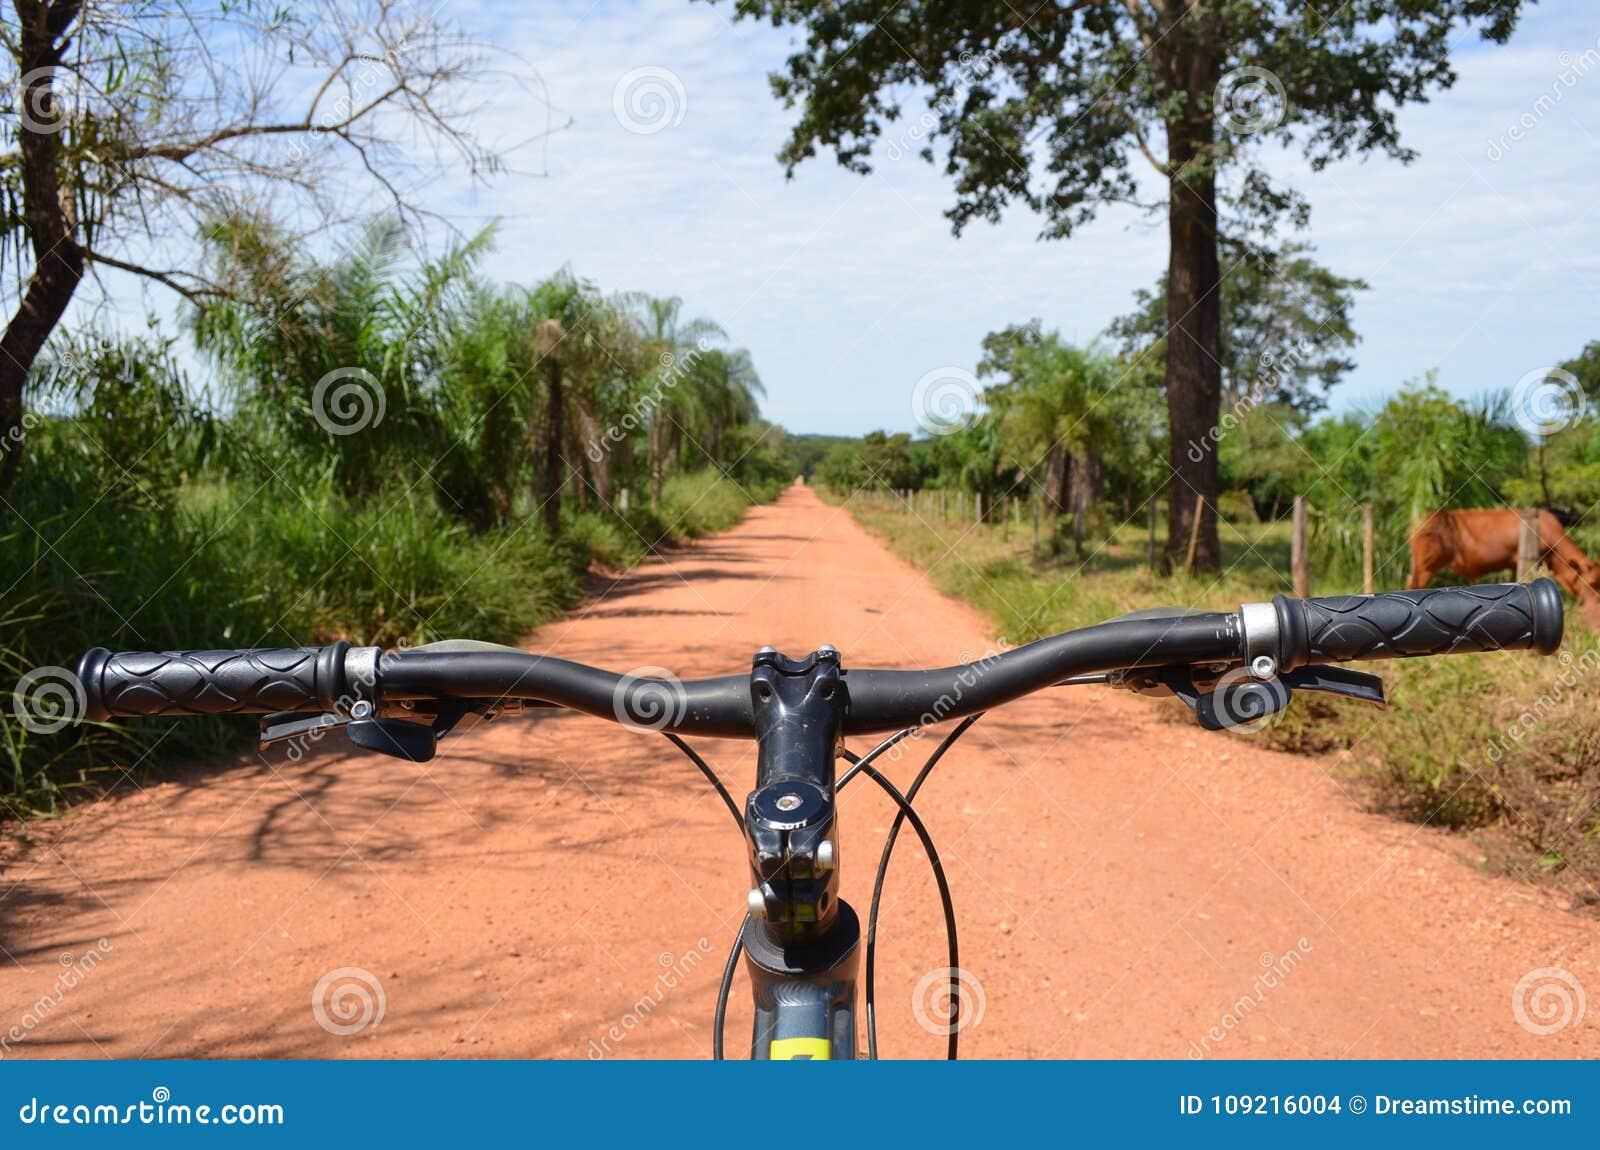 Guidon de vélo de montagne chez Dusty Jungle Road, Pantanal, Brésil